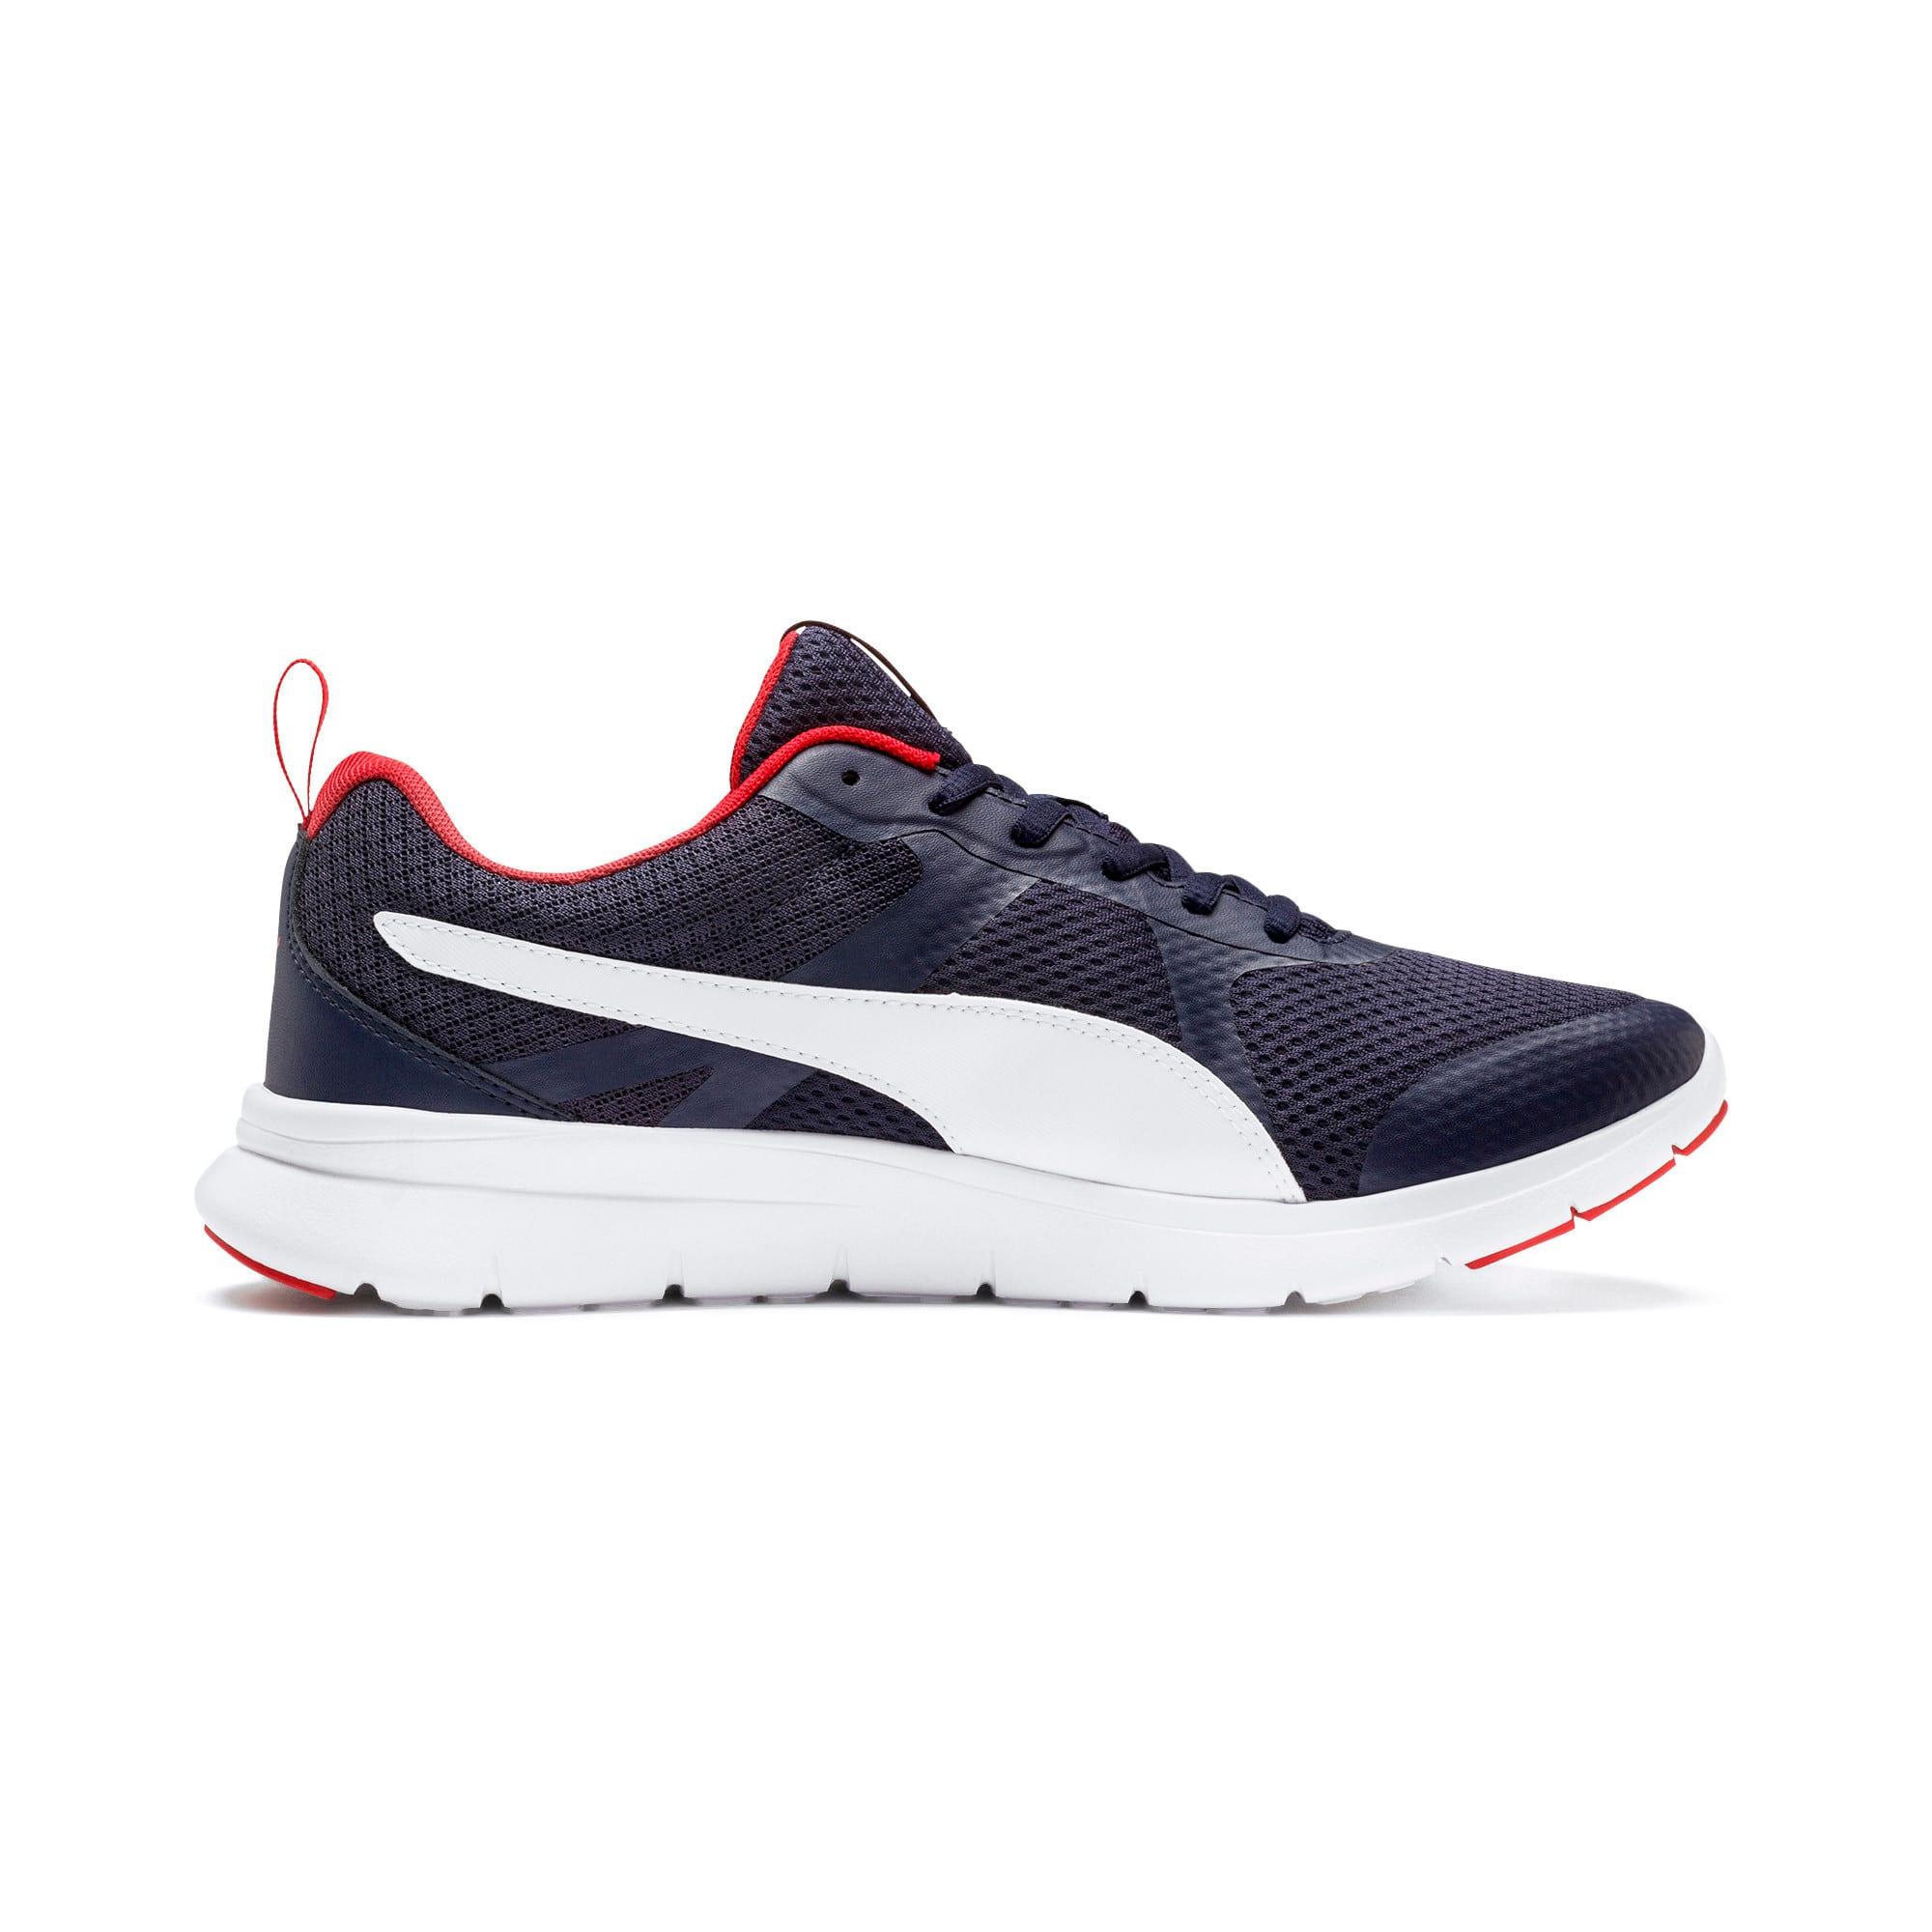 Thumbnail 6 of Flex Essential Training Shoes, Peacoat-P.White-Hi. Risk Red, medium-IND